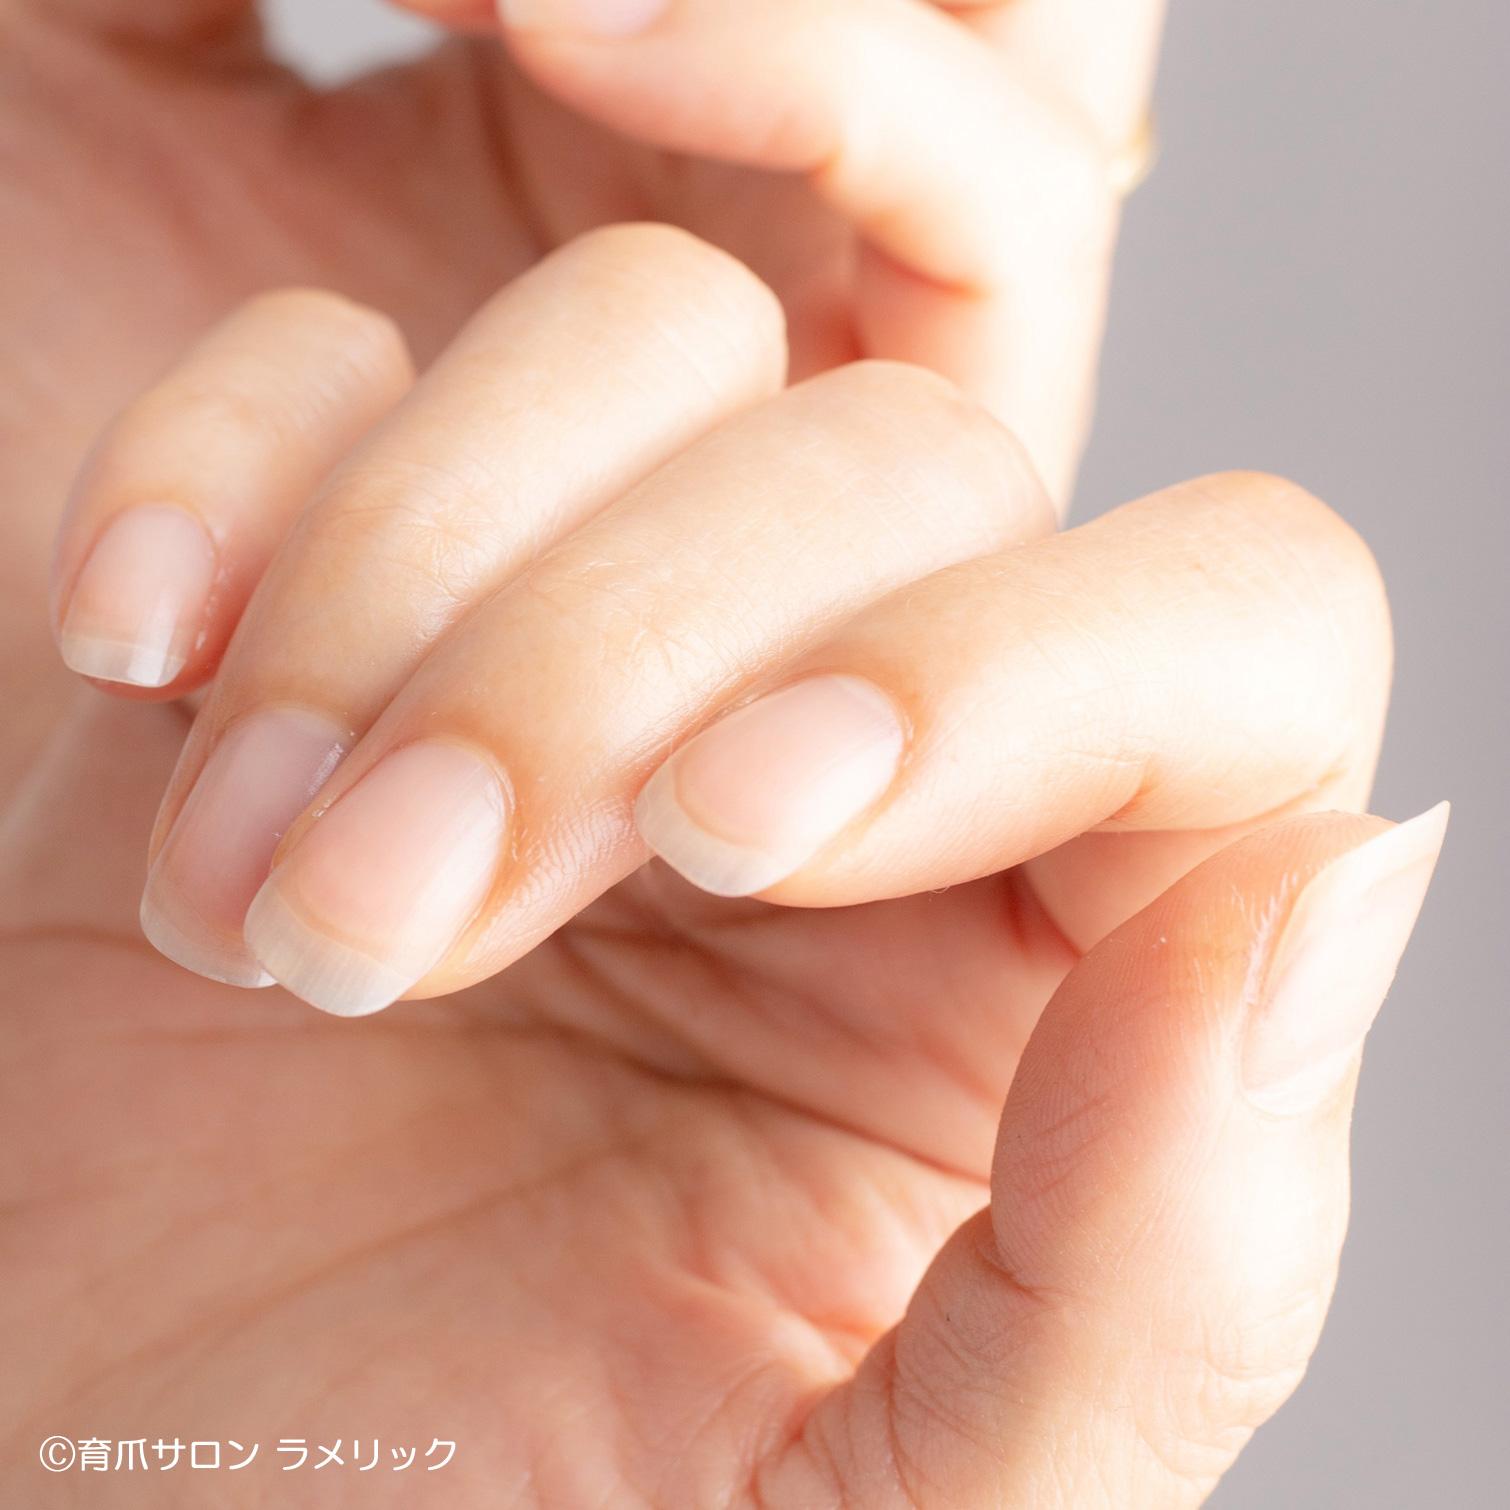 ピンク部分(ネイルベッド)が指先まで伸びた爪